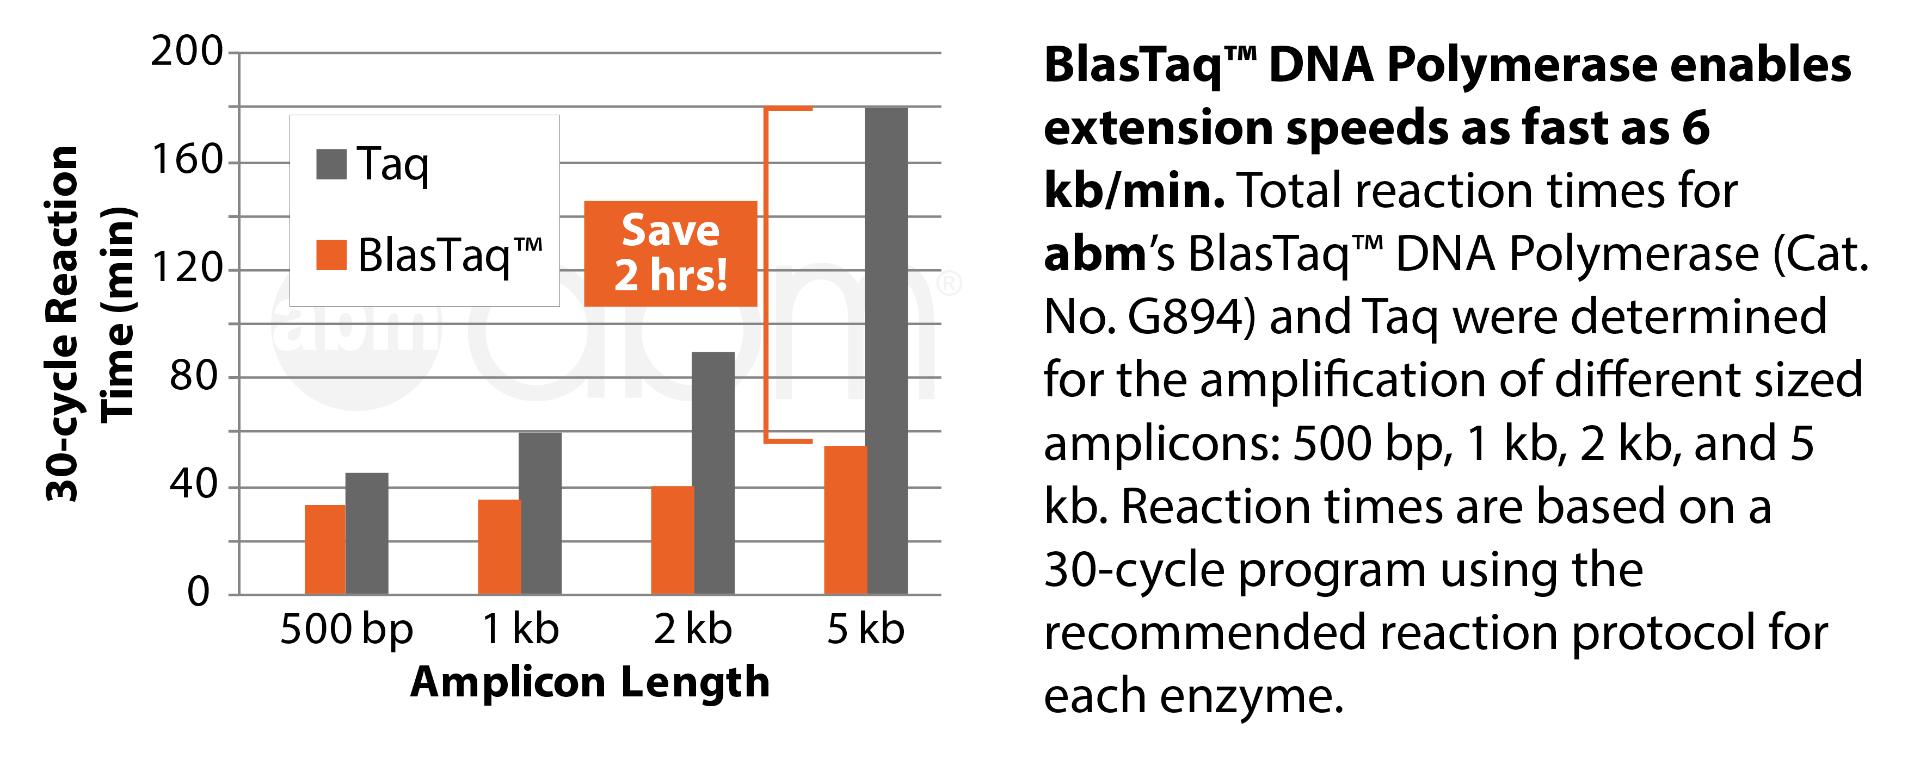 G894 Blastaq Dna Polymerase Data1 1 1